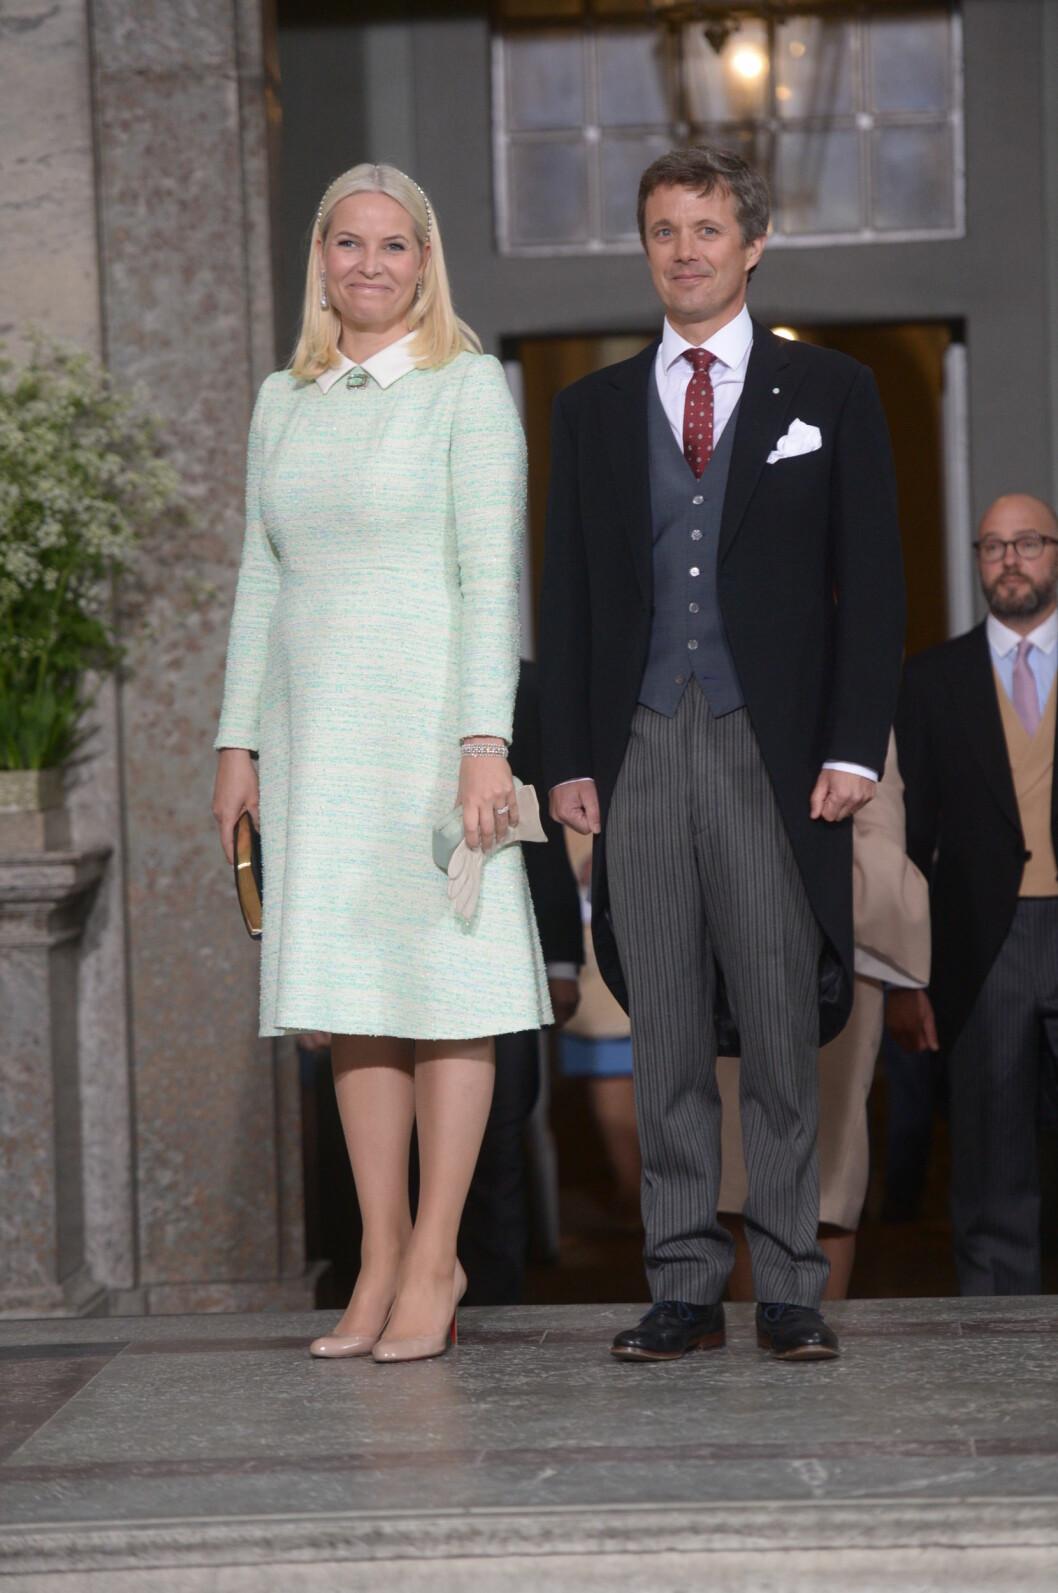 <strong>STRÅLTE I GRØNT:</strong> Kronprinsesse Mette-Marit ankom sammen med kronprins Frederik av Danmark. De er begge faddere til prins Oscar.  Foto: TT NYHETSBYRÅN